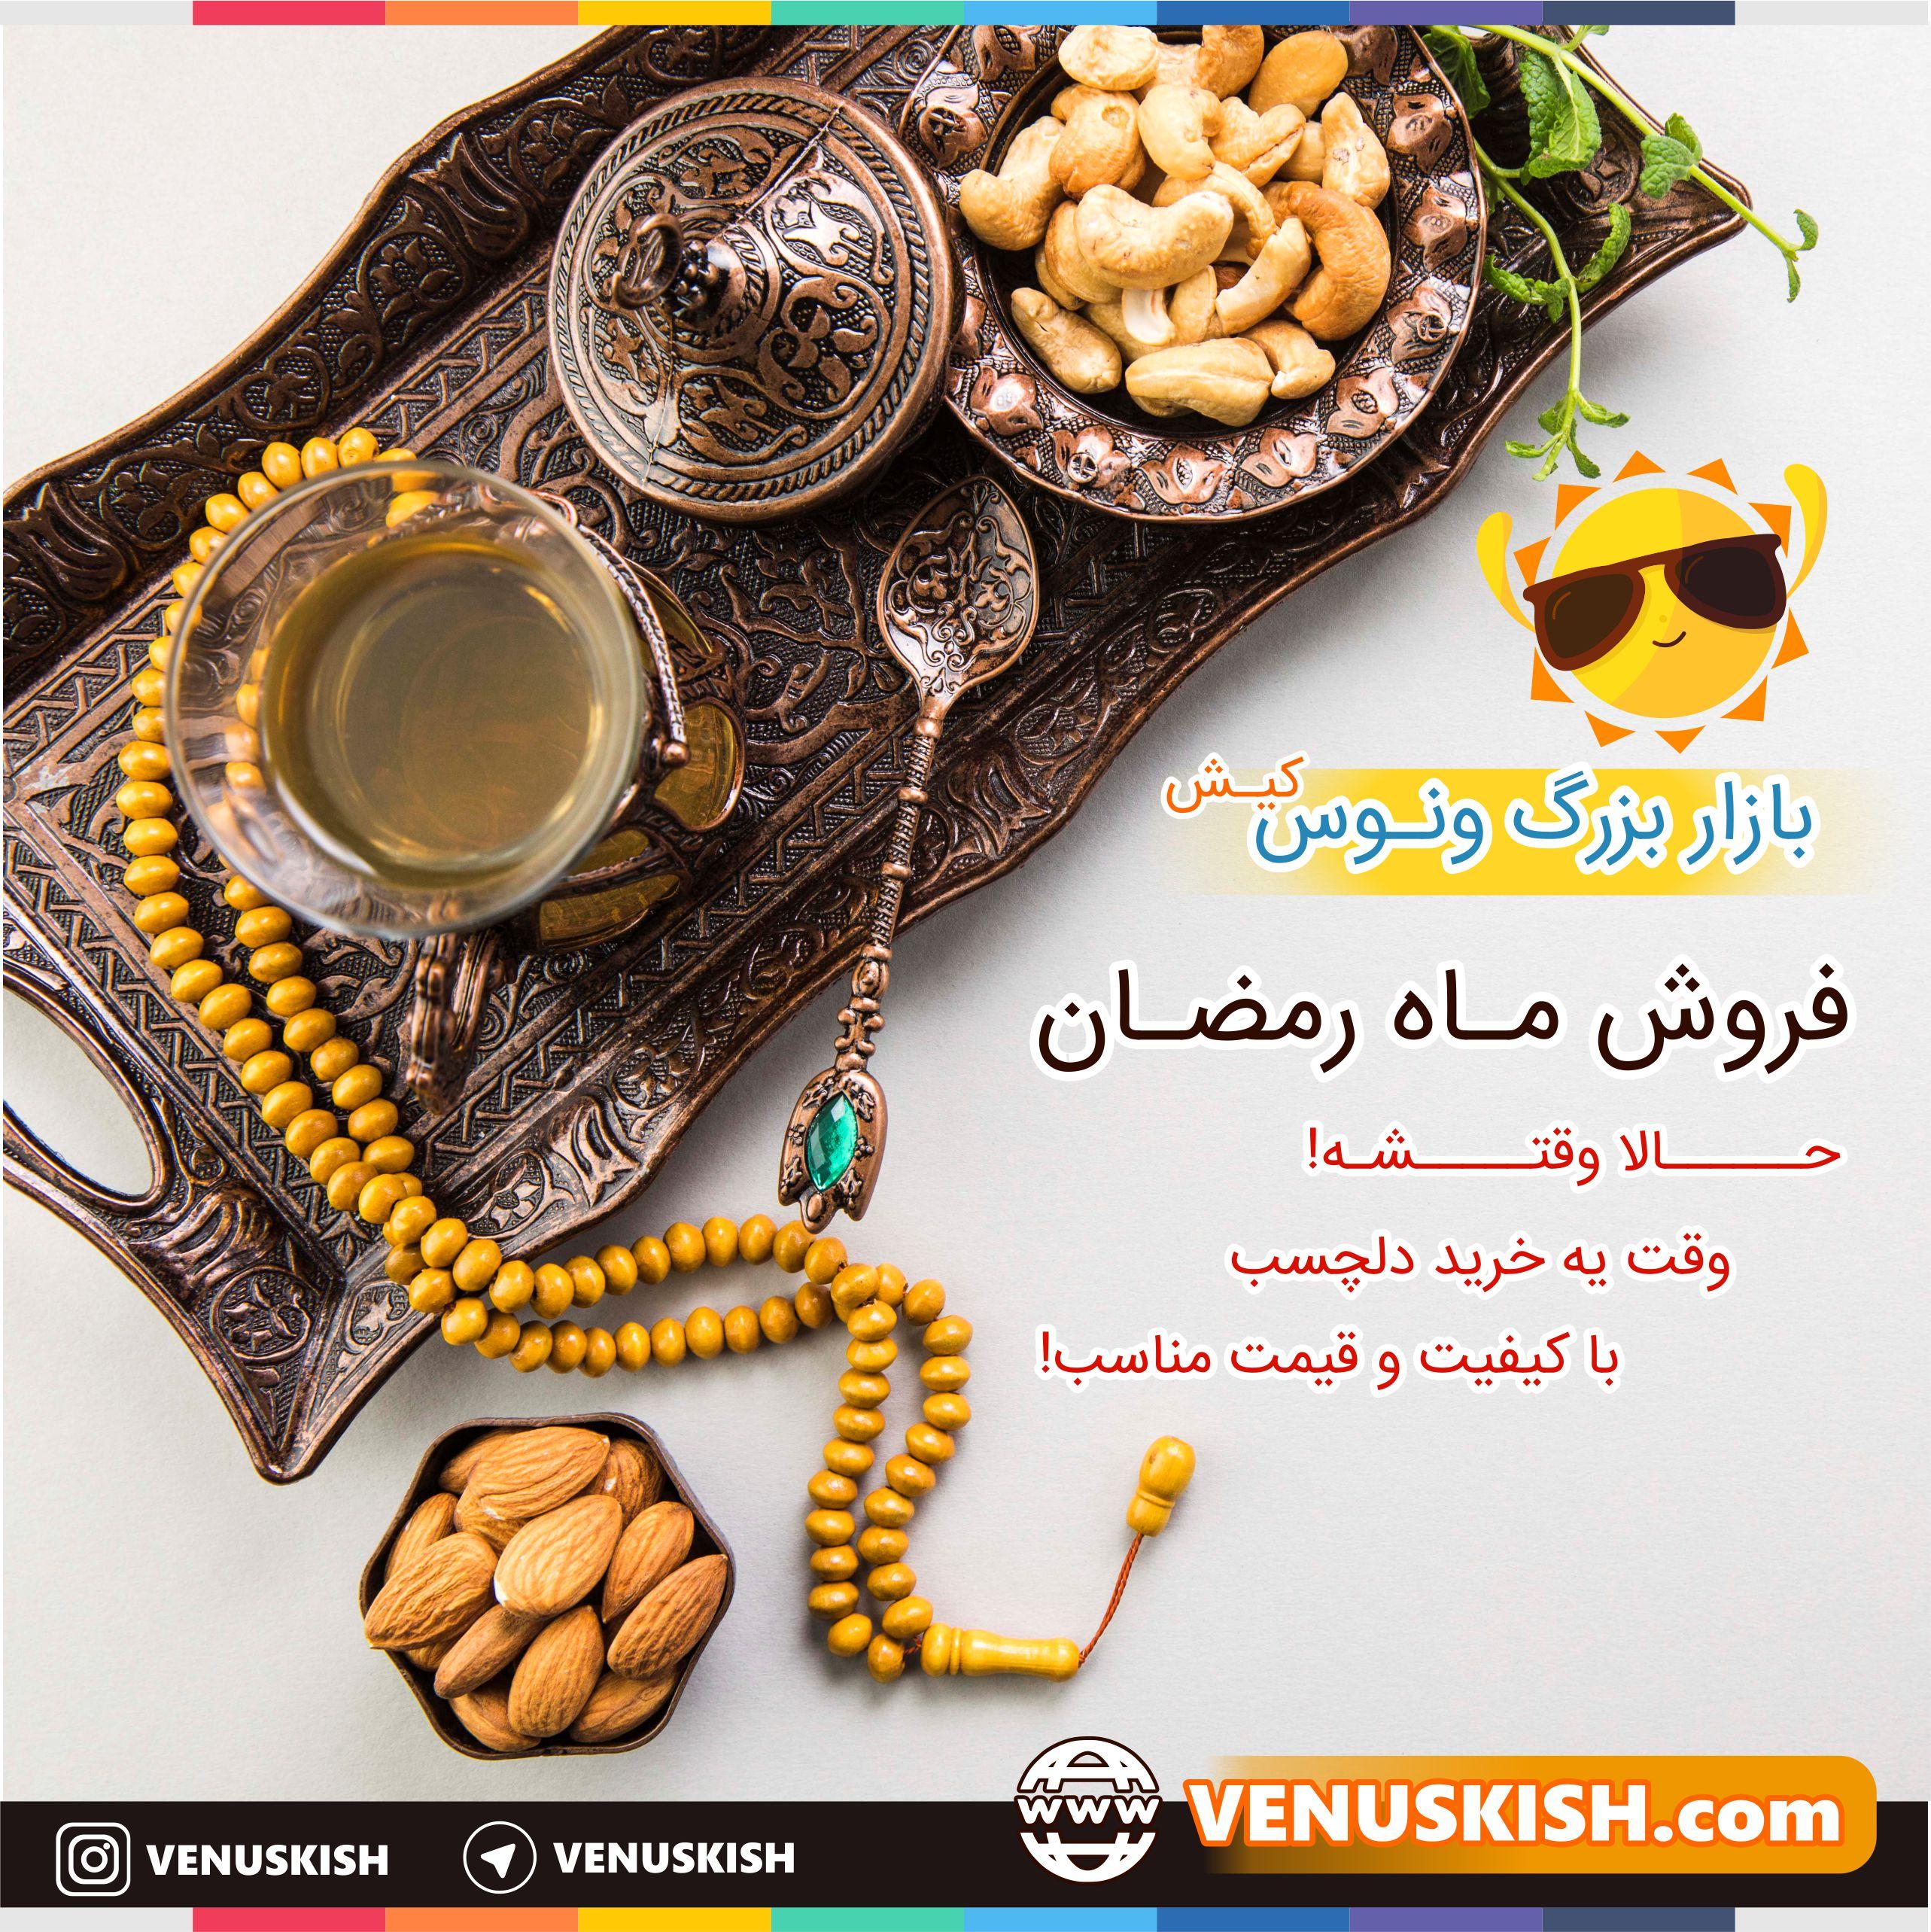 🌸 فروش ماه مبارک رمضان بازار بزرگ ونوس کیش 🌸